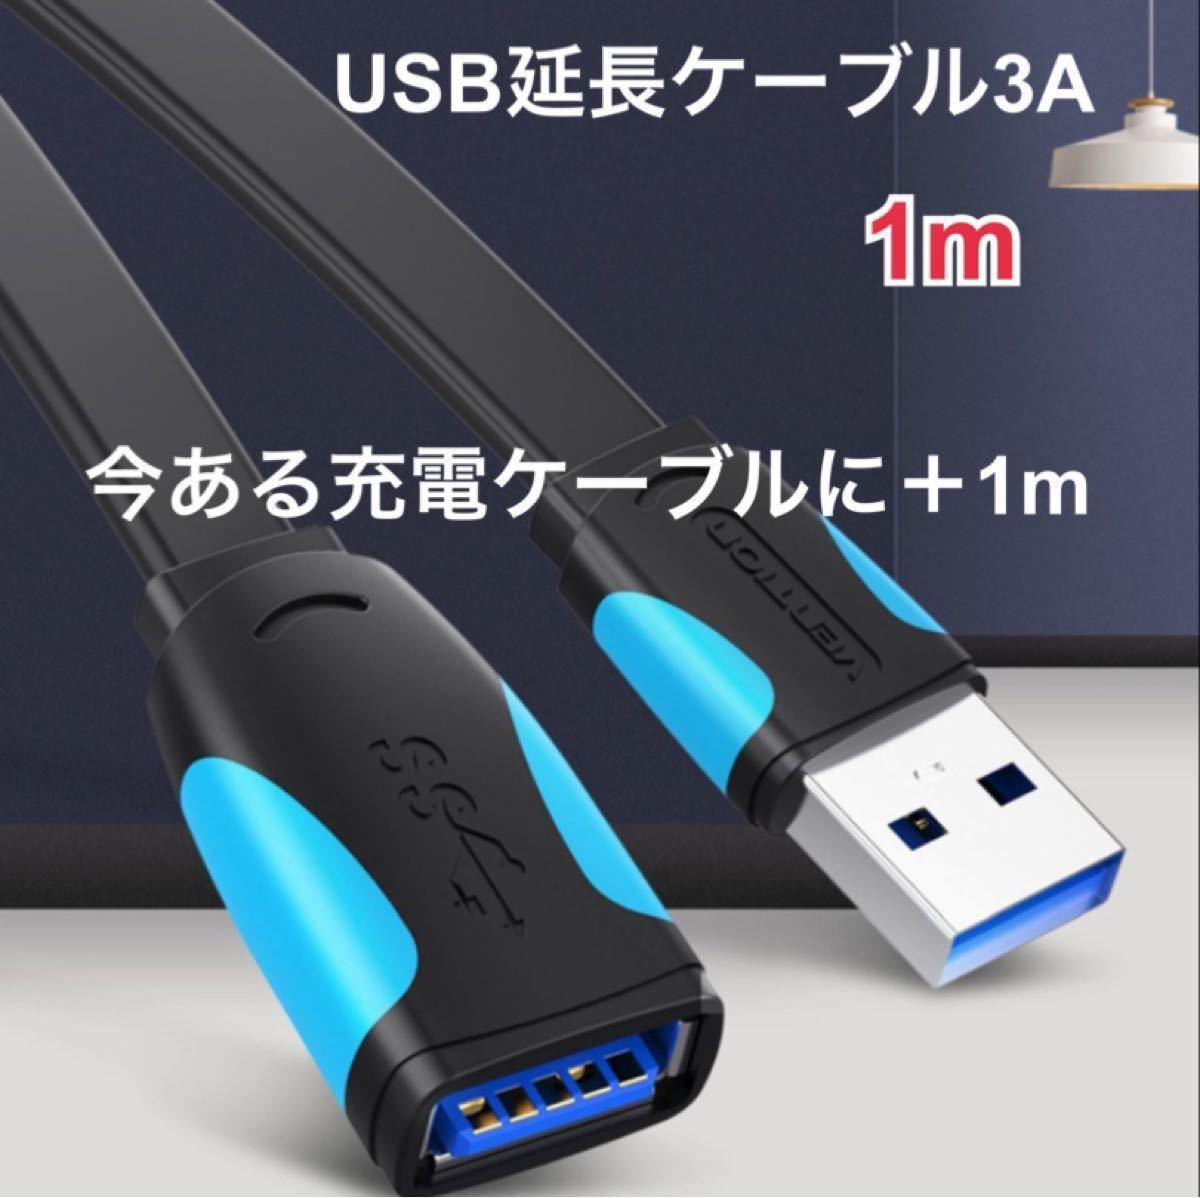 USB延長ケーブル 急速3A 1m